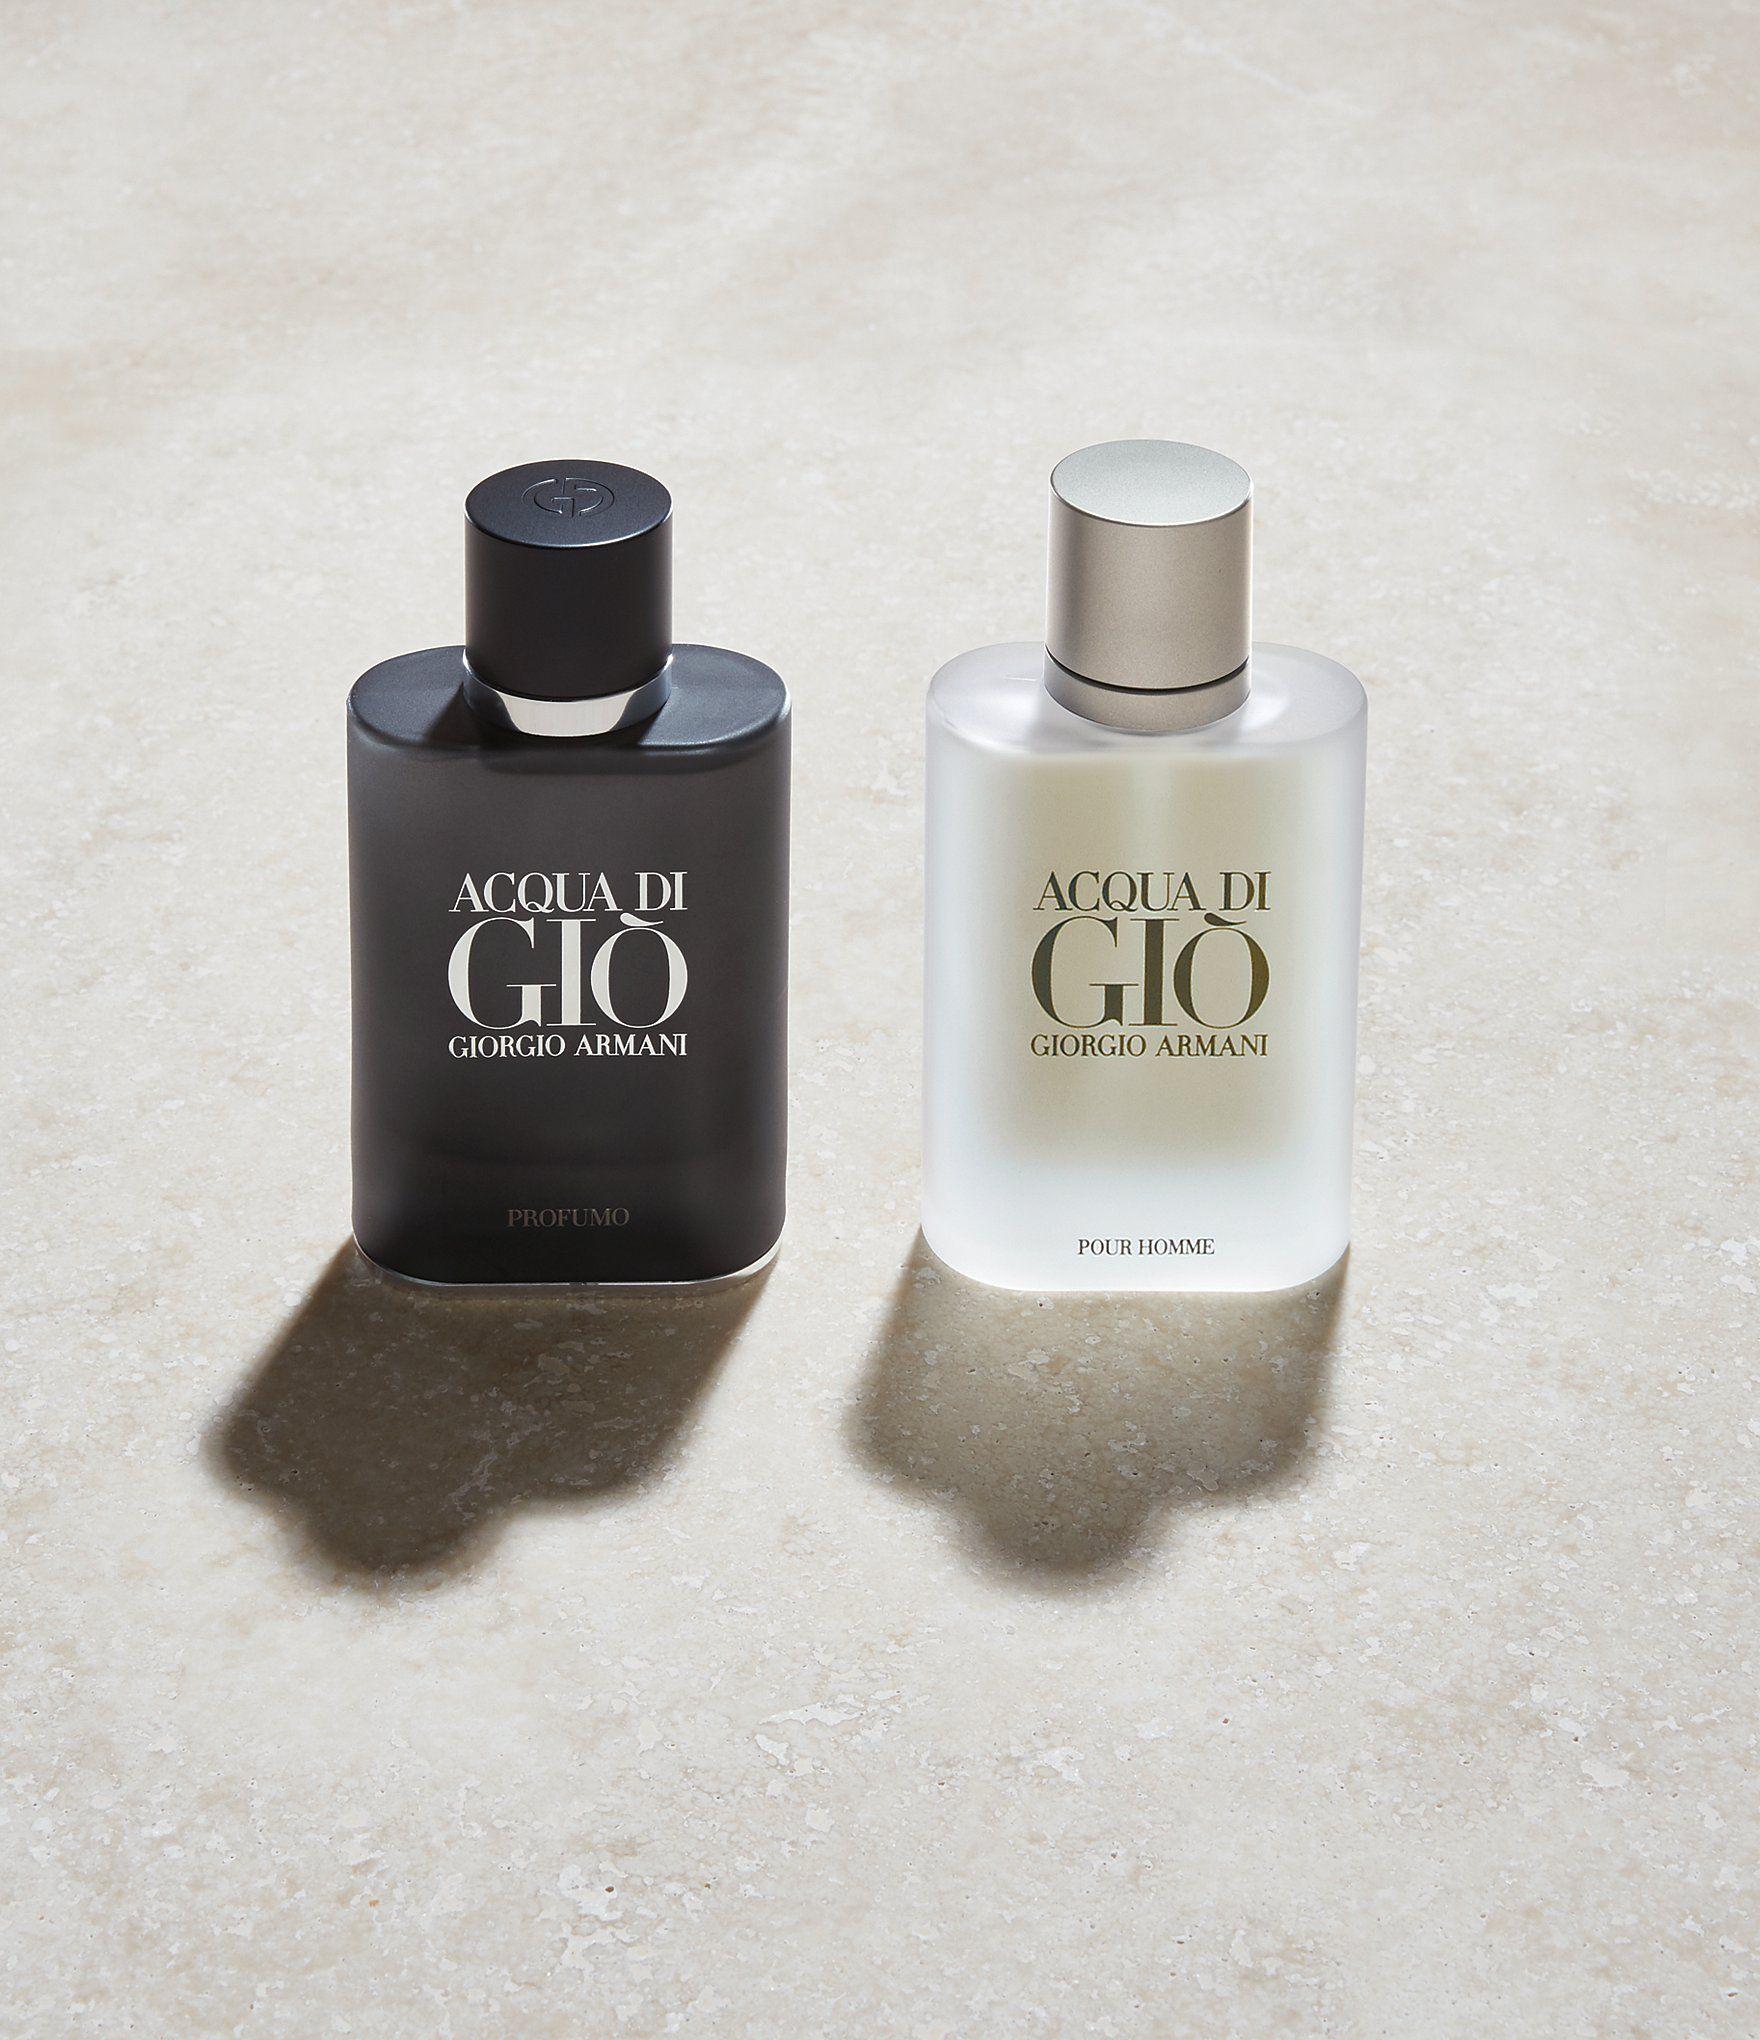 Giorgio Armani Acqua di Gio Pour Homme Fragrance in 2020